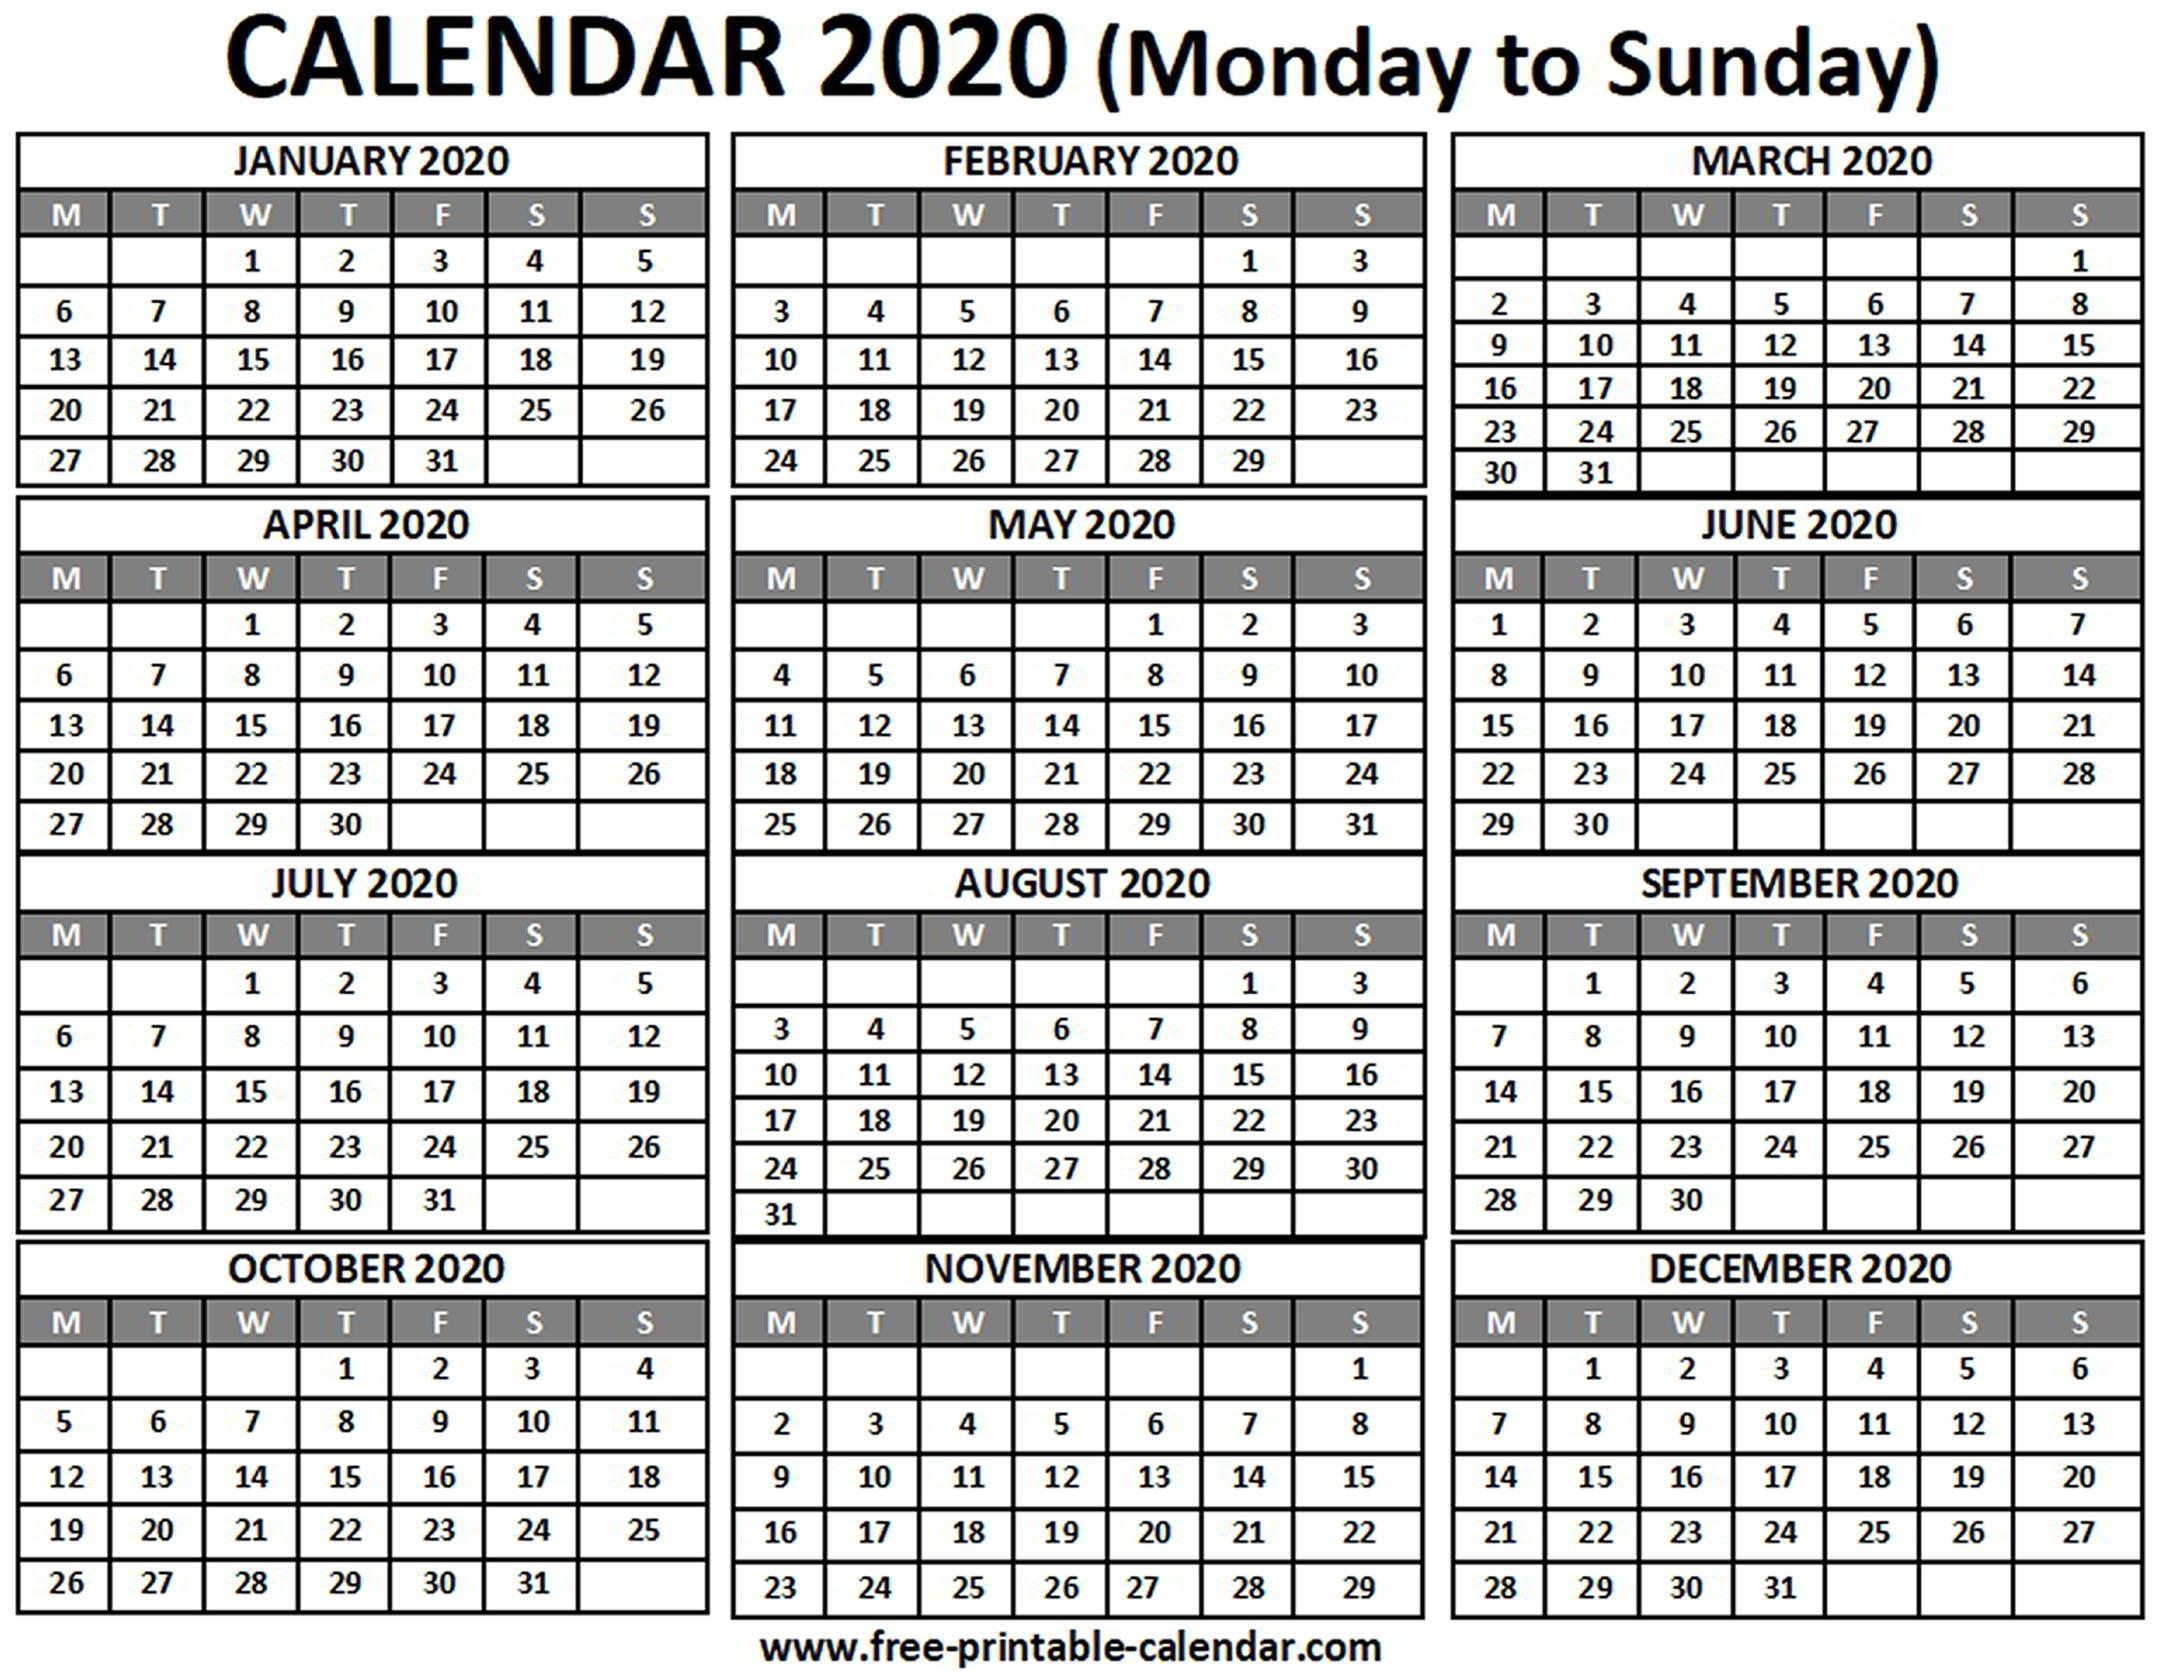 2020 Calendar - Free-Printable-Calendar for Free 2020 Printable Pocket Calendar